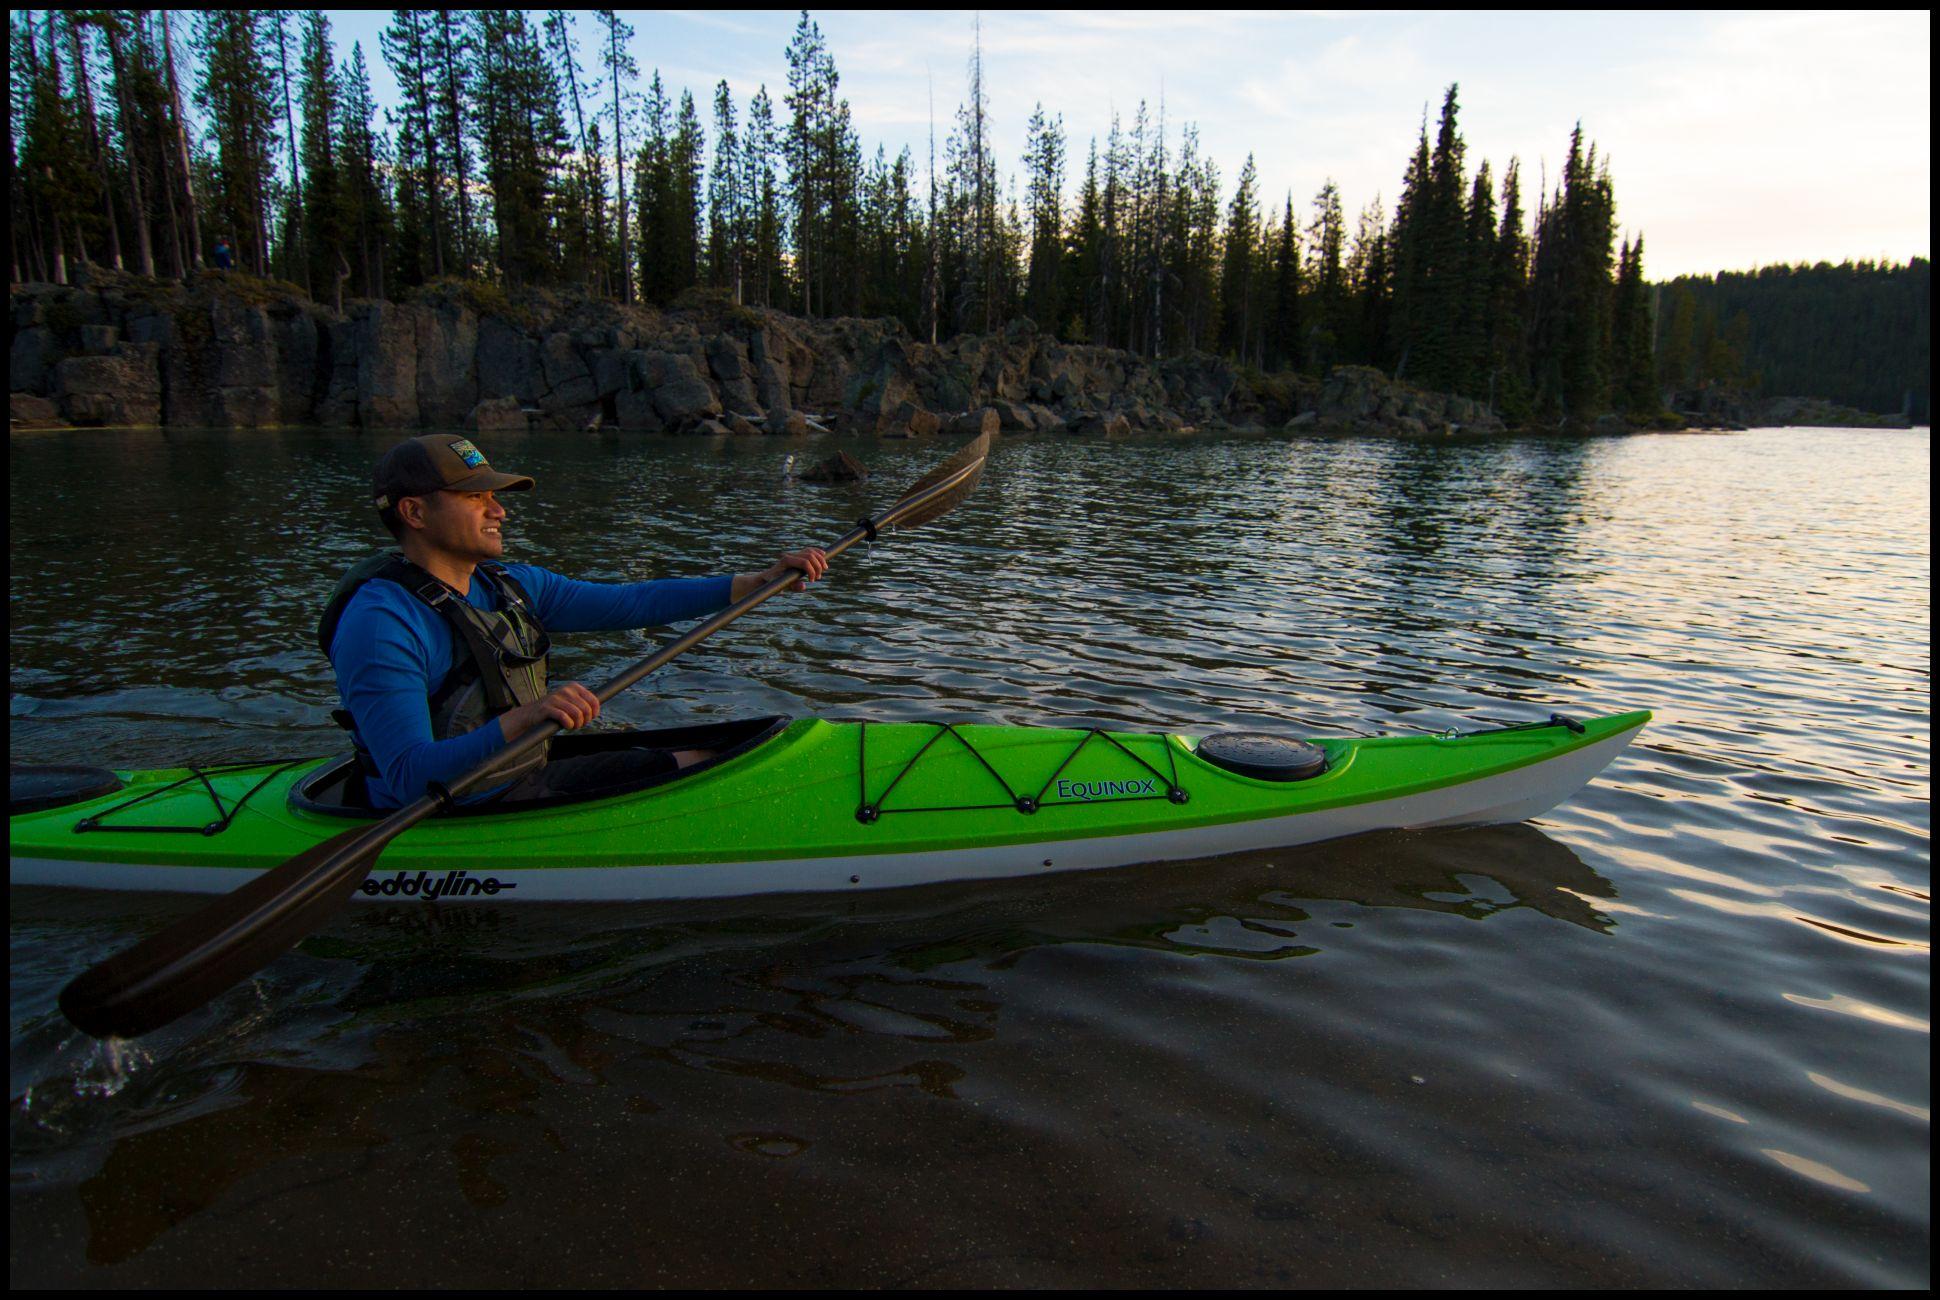 Kayaks: Equinox by Eddyline Kayaks - Image 3383